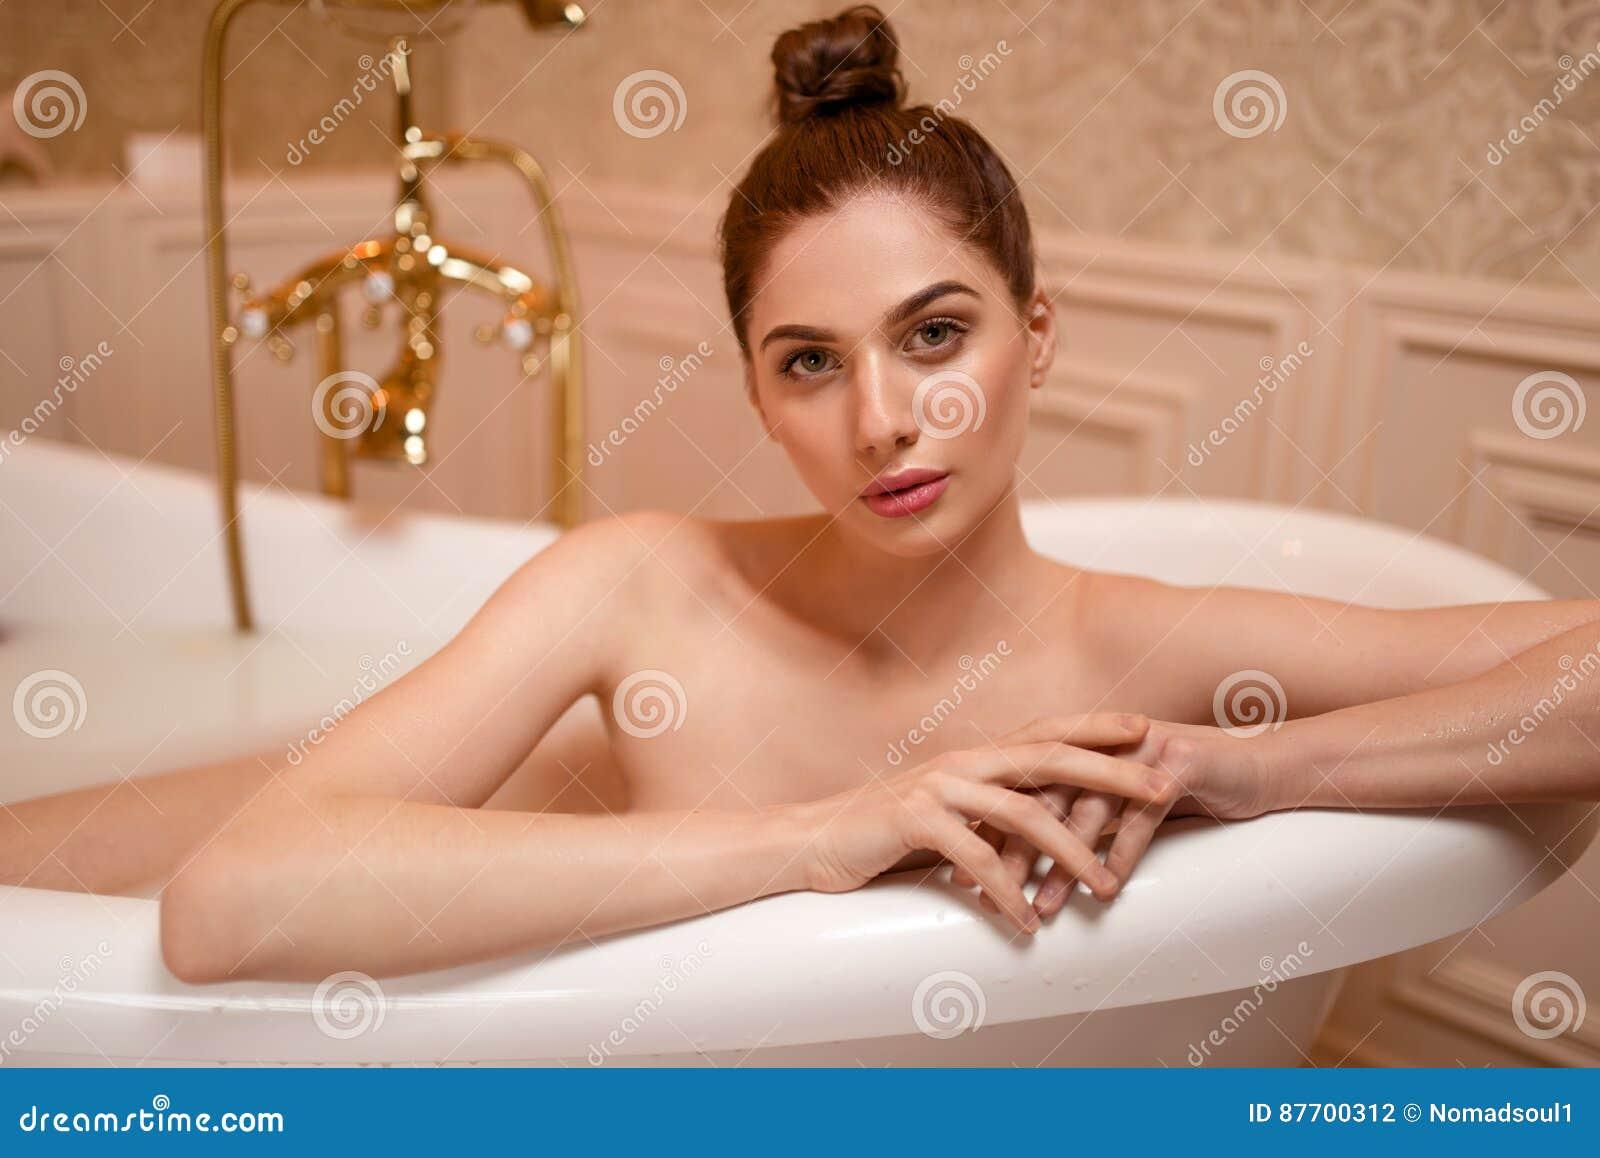 nackt in der badewanne